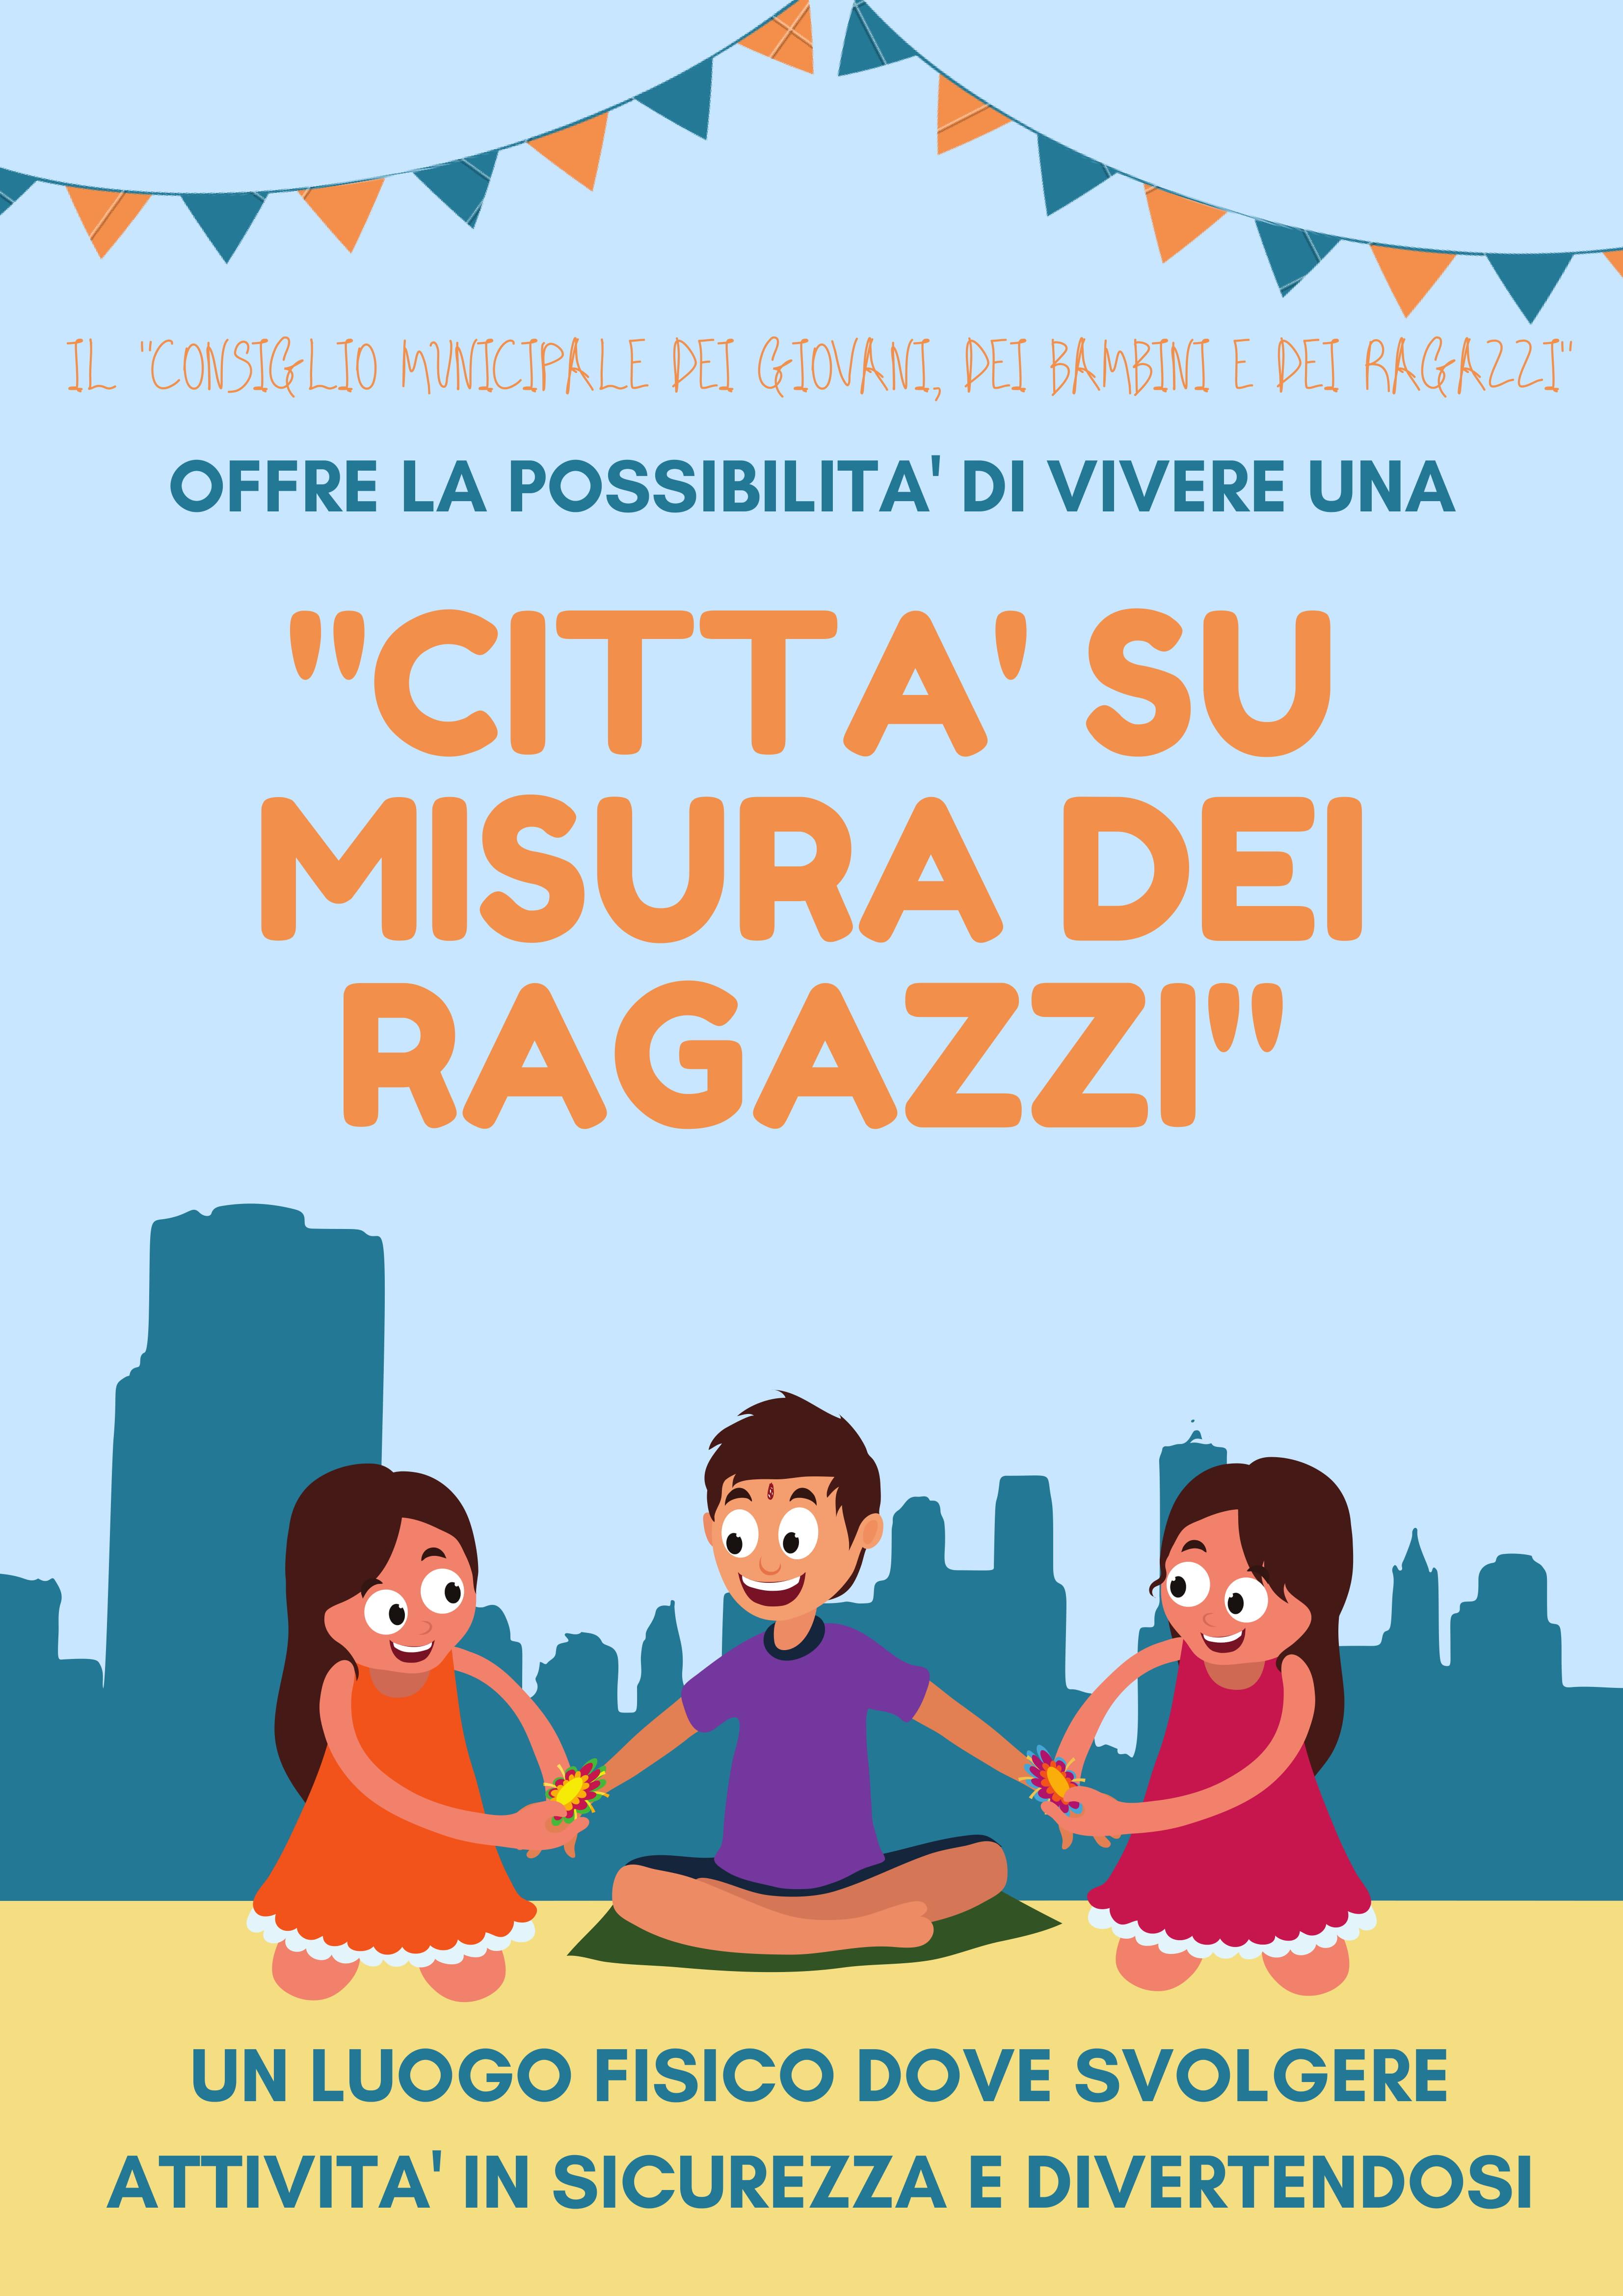 Roma: Consiglio Municipale dei Bambini e dei Ragazzi